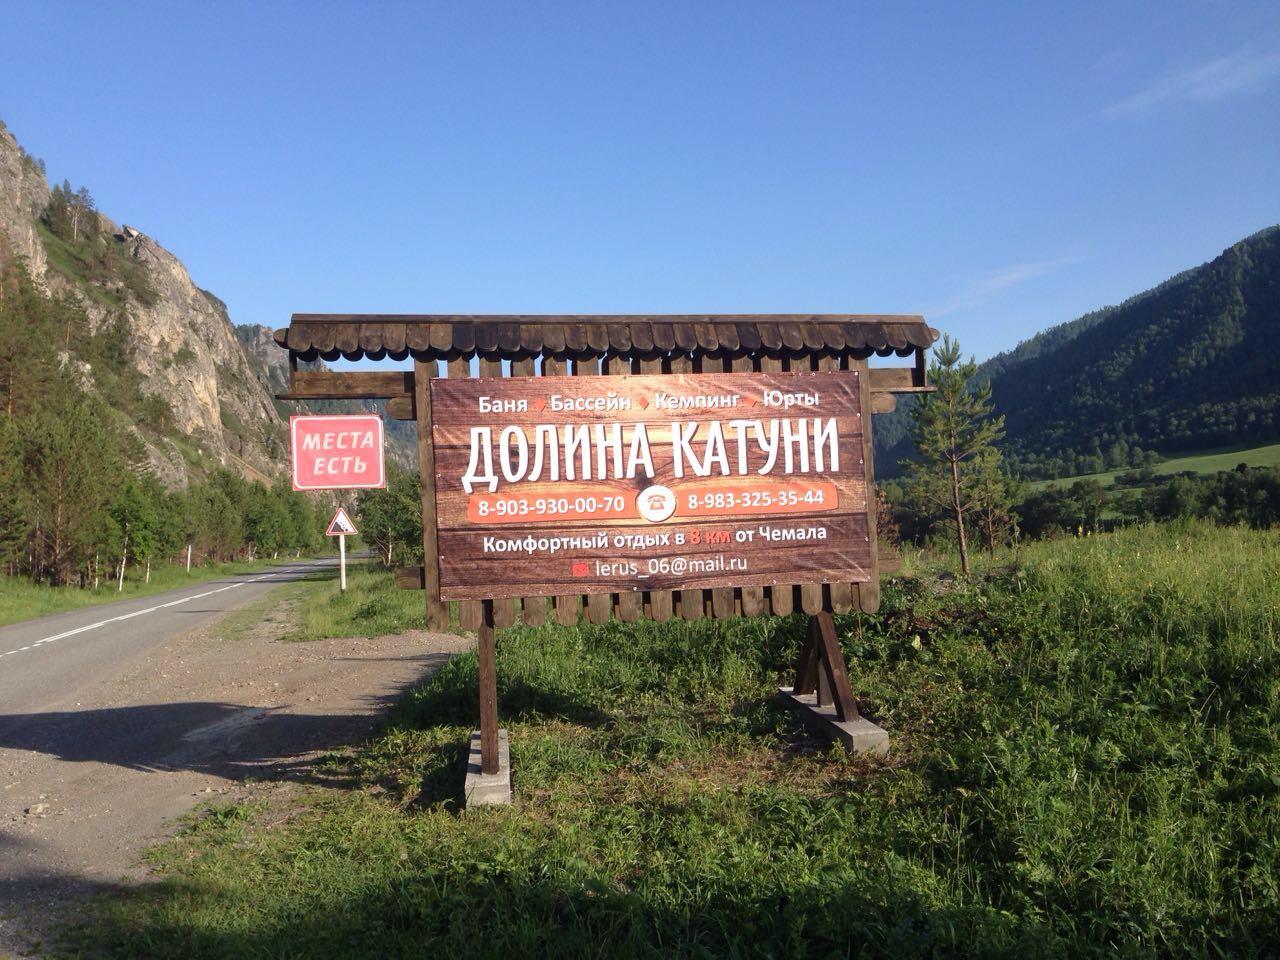 10 км от Чемала, в сторону Куюса